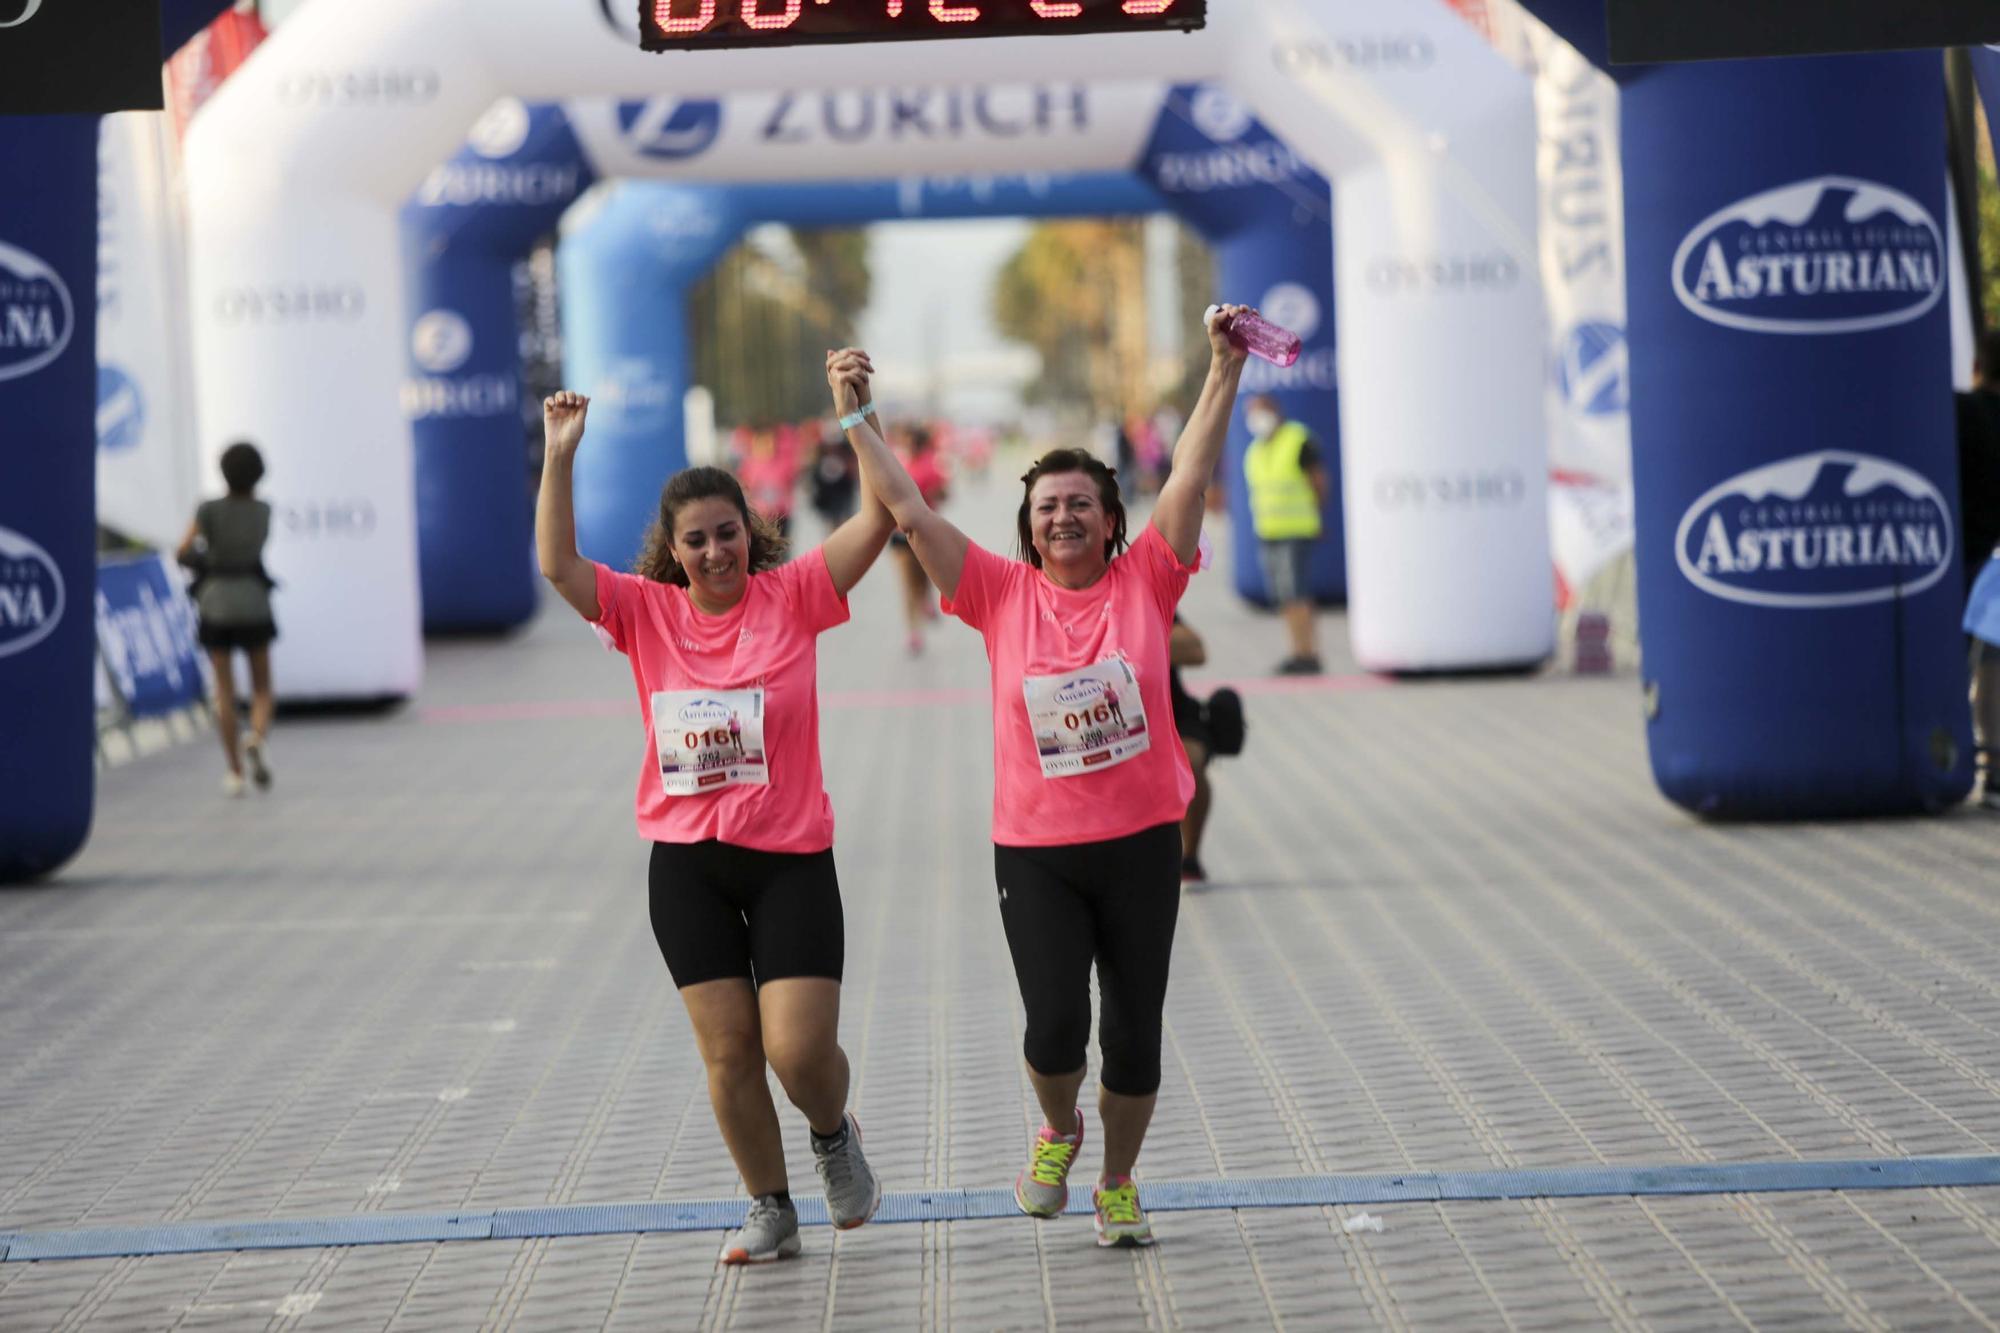 Las mejores imágenes de la carrera de la Mujer en València